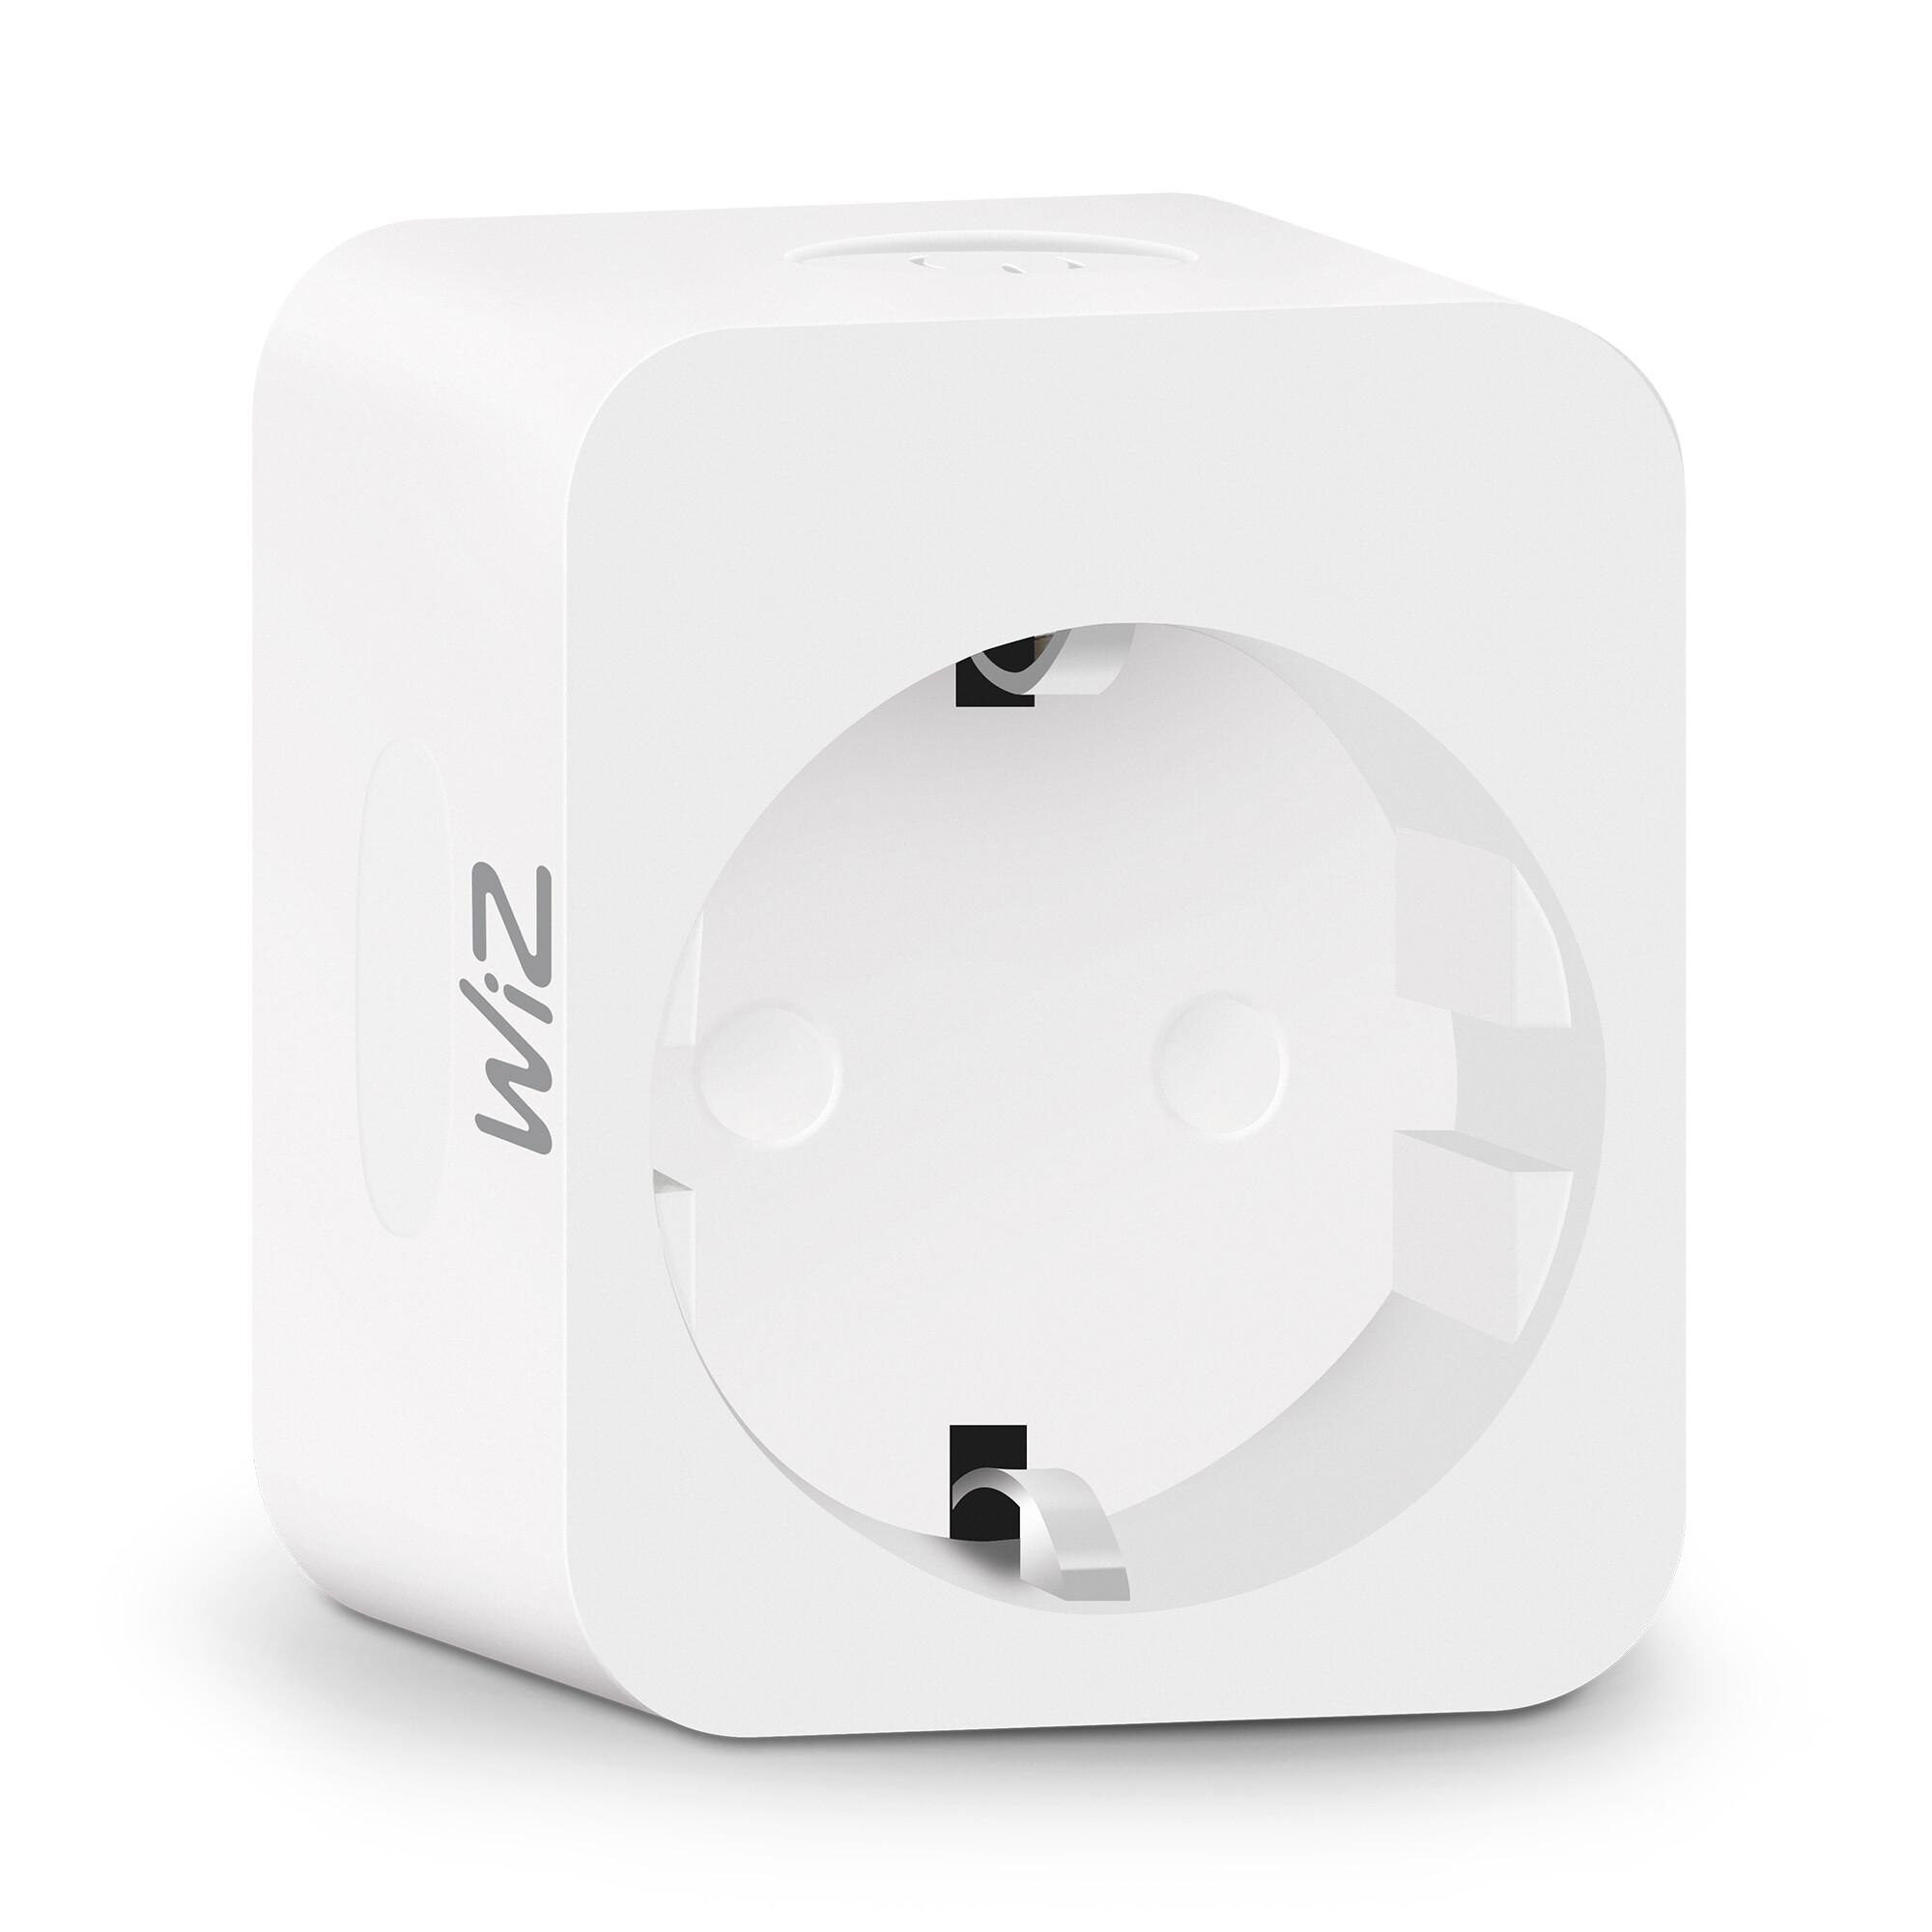 WiZ WiFi smart plug DL